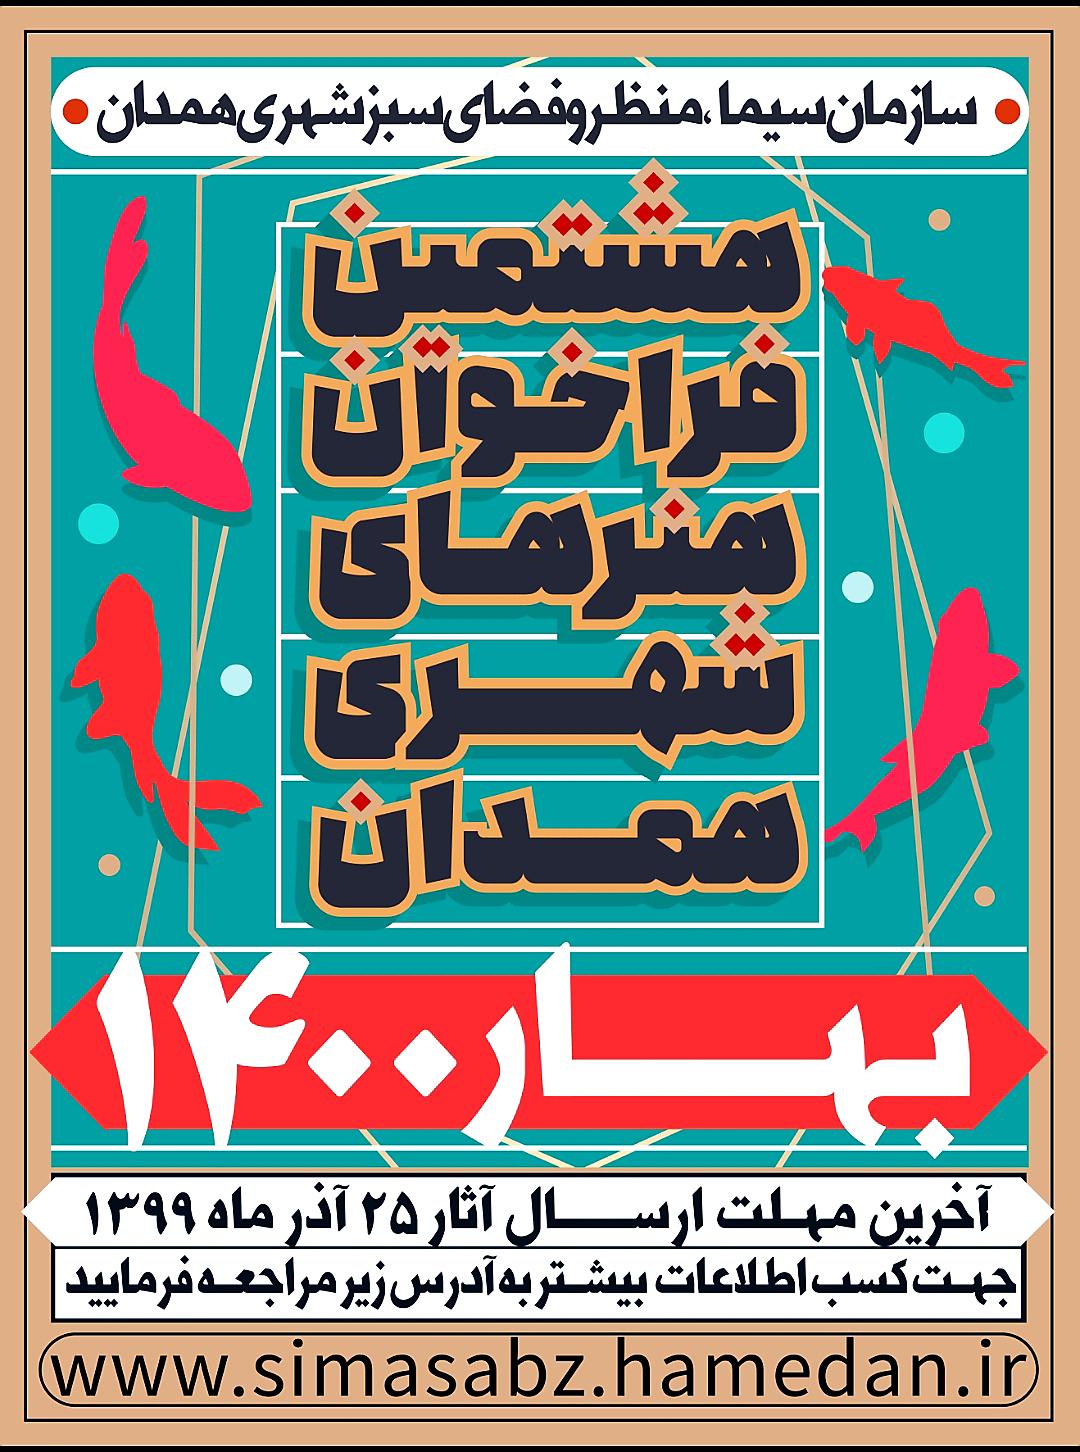 فراخوان هشتمین سالانه هنرهای شهری همدان ـ استقبال از بهار 1400